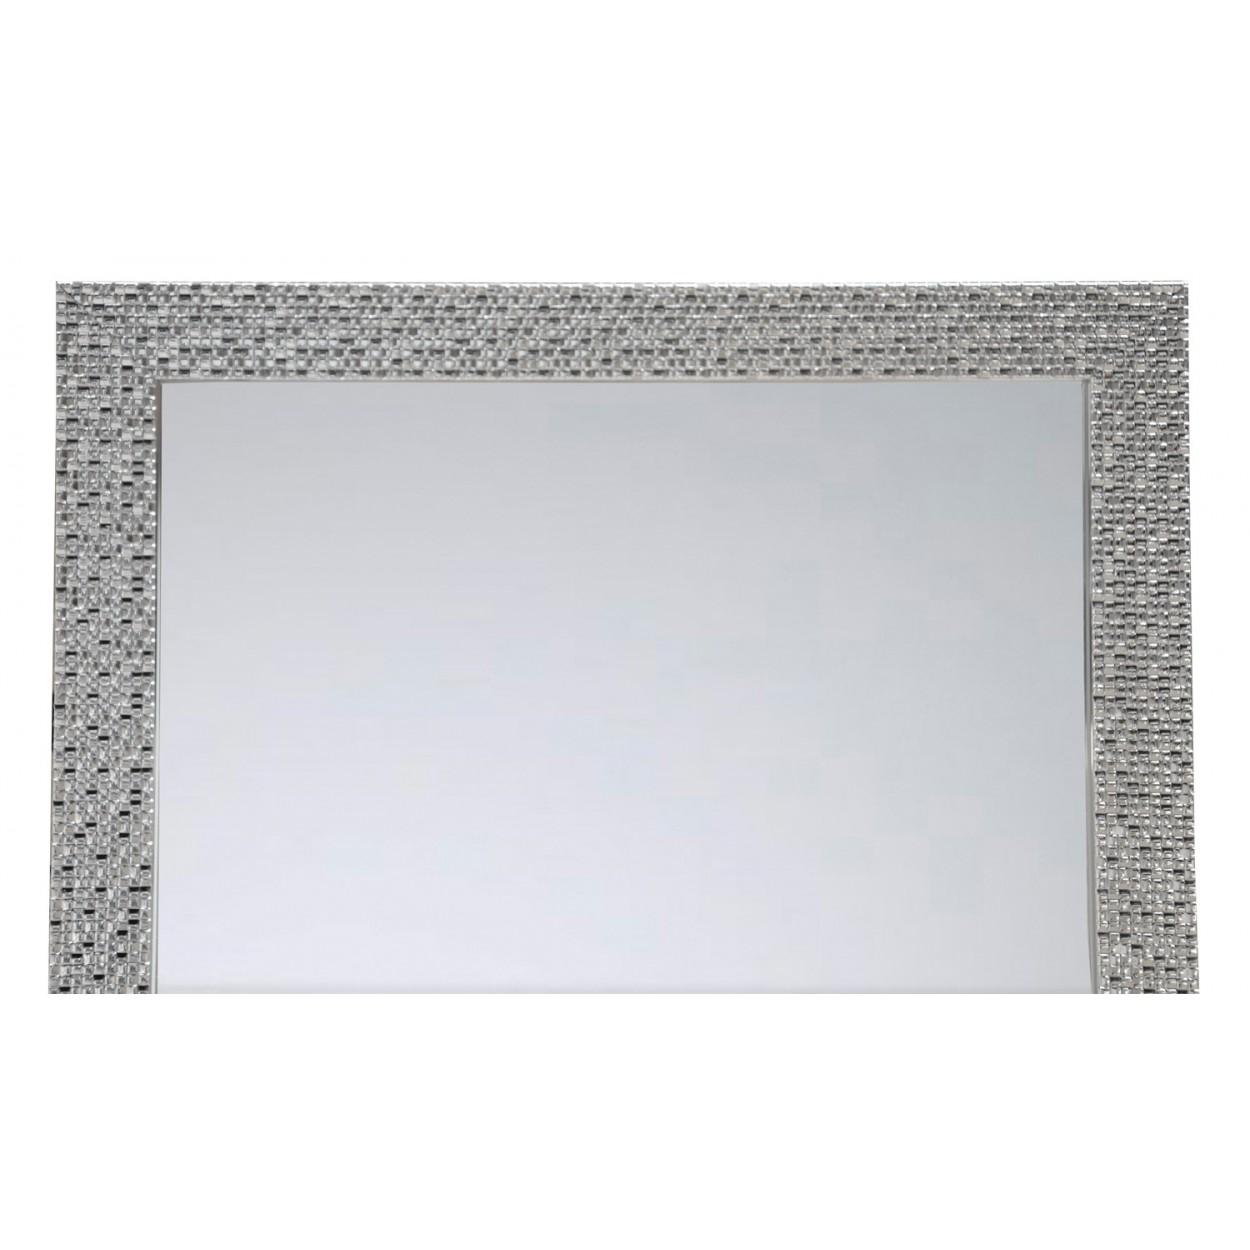 Espejo para puerta moderno plateado con dise o de - Espejos color plata ...